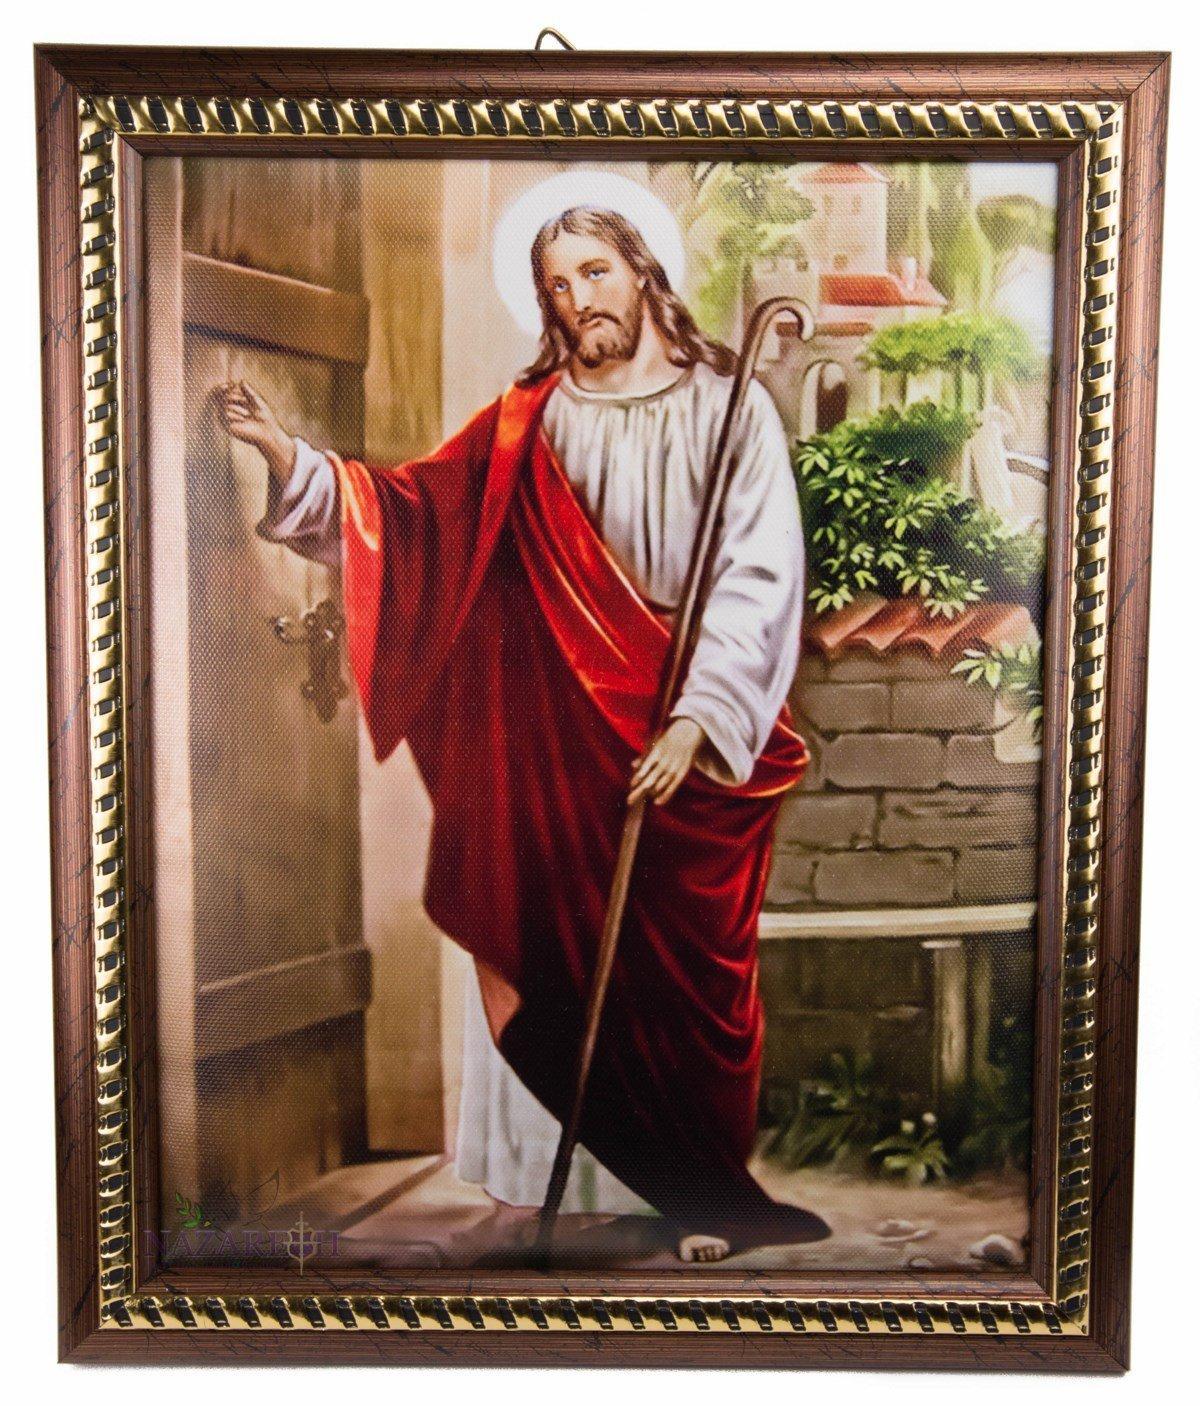 /Único Jes/ús llamando a la puerta placa acolchada pared cuadro santo tierra 11,4